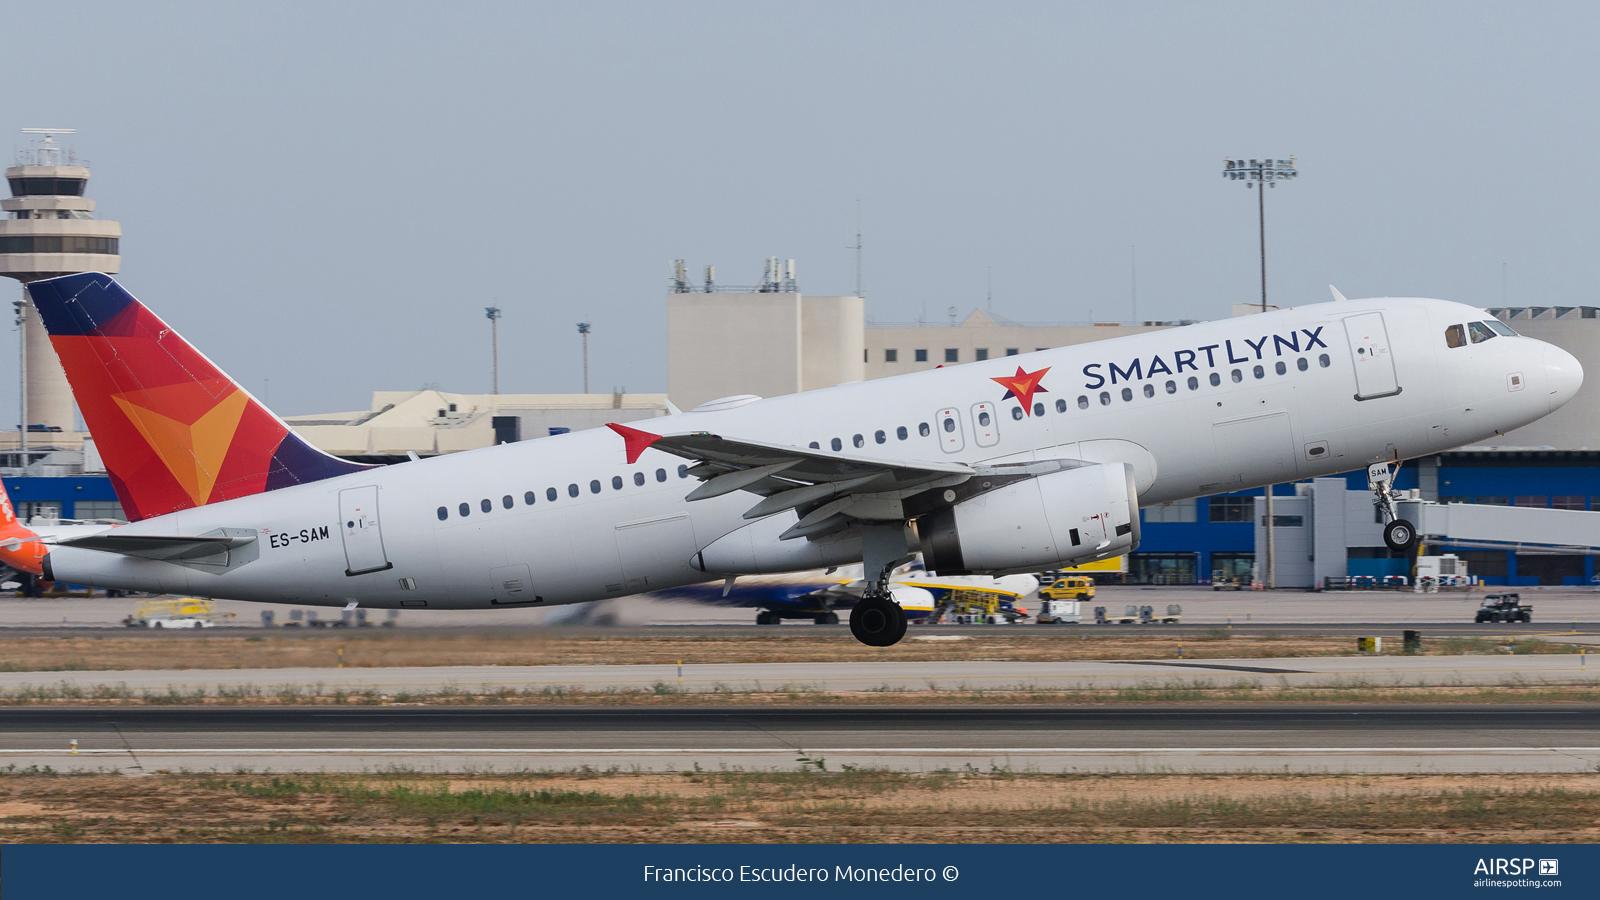 Smartlynx  Airbus A320  ES-SAM